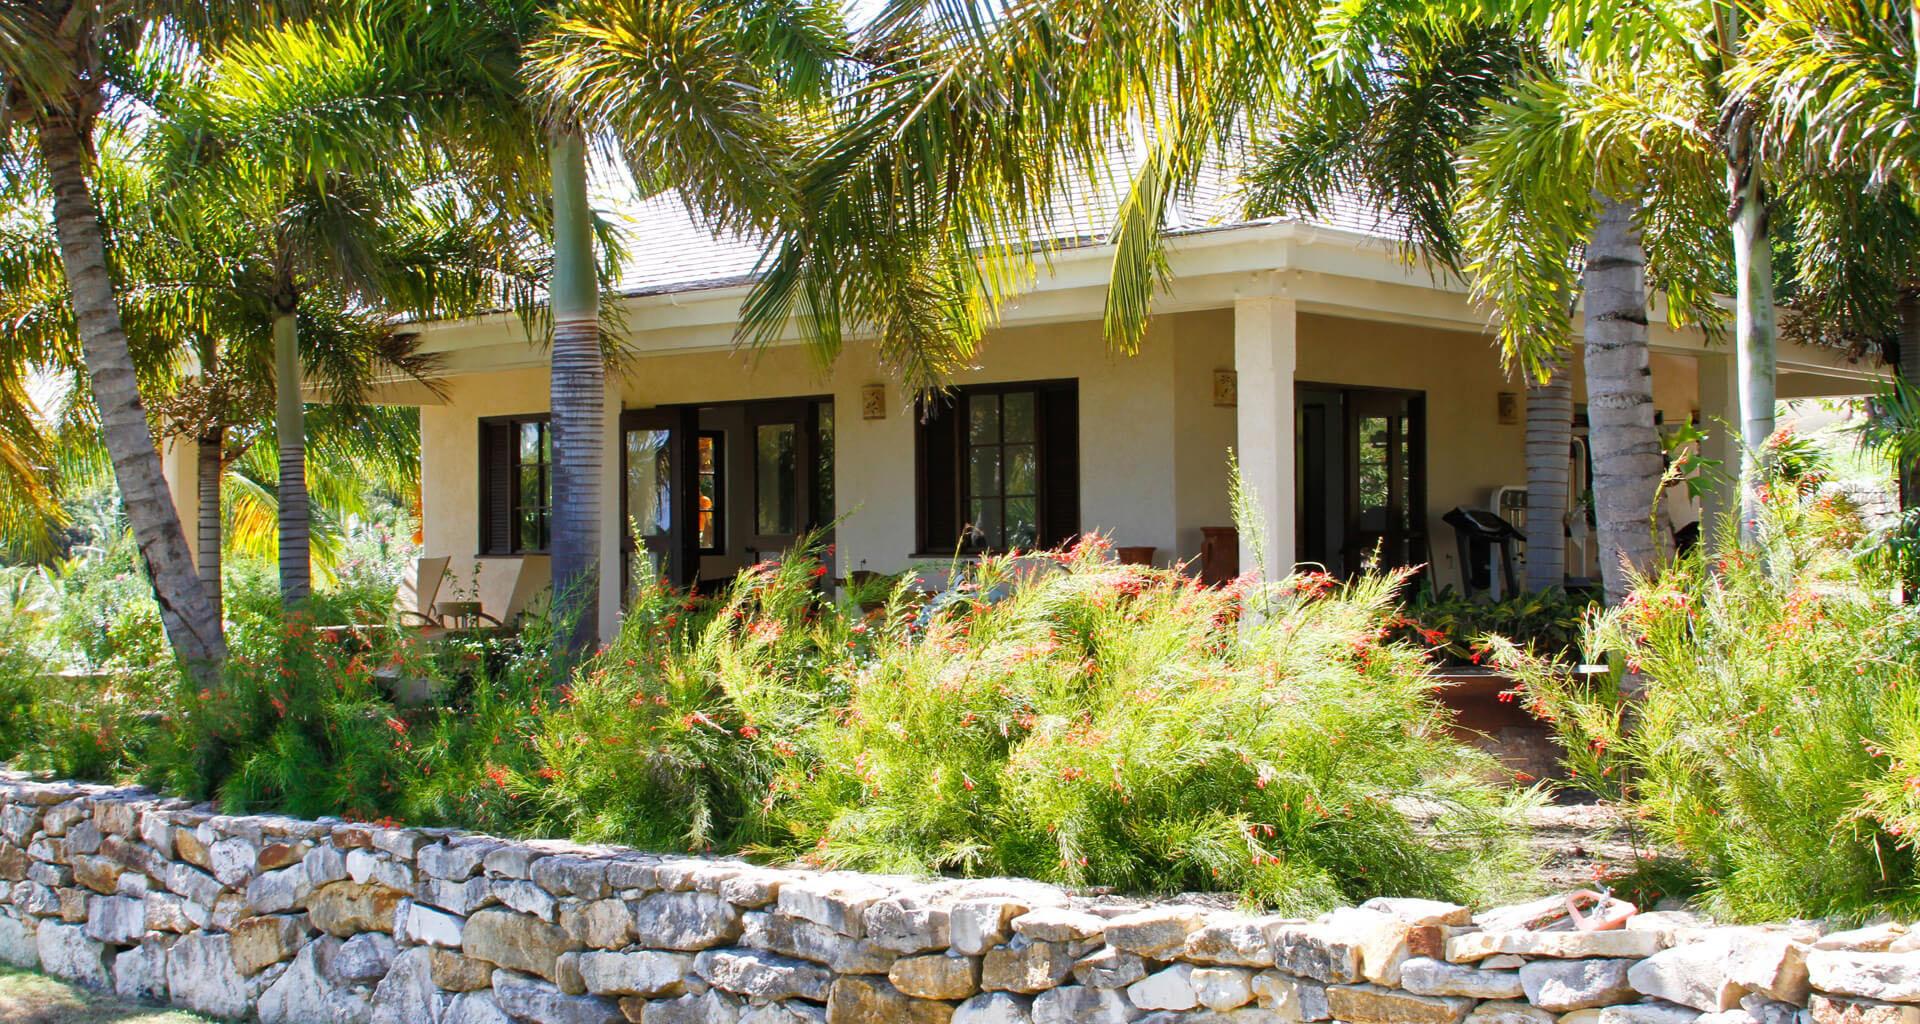 Antigua Villa Gallery